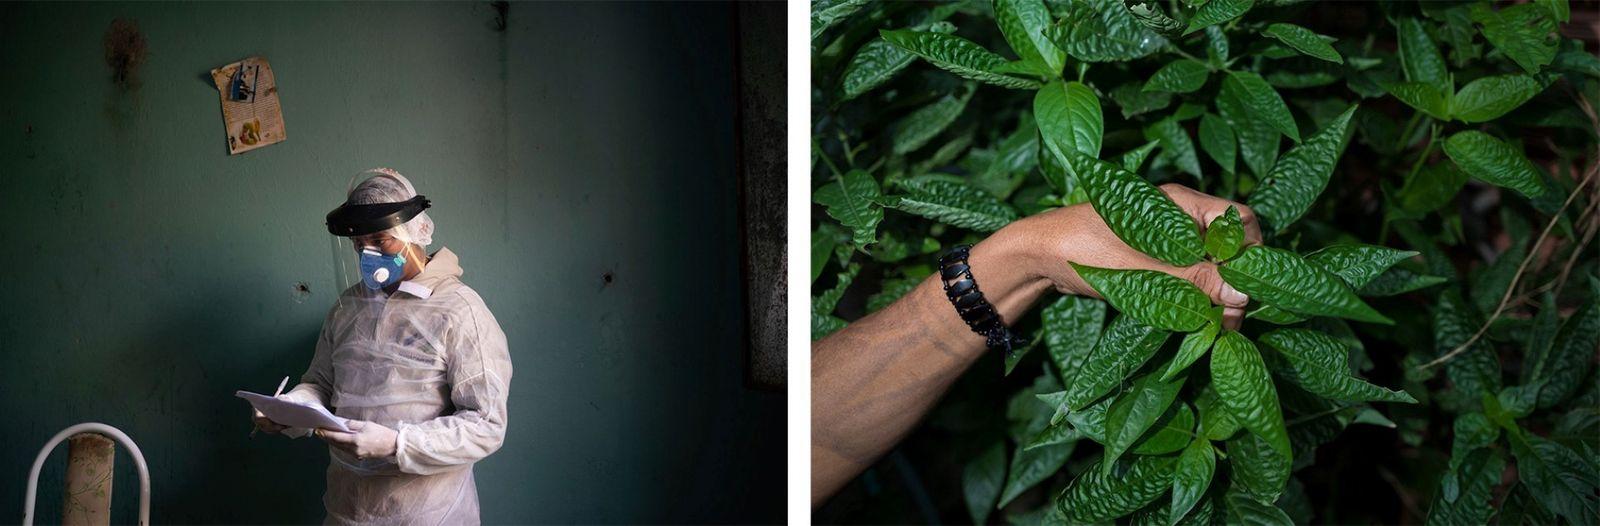 Esquerda: Um profissional de saúde do governo prepara-se para fazer um teste de COVID-19 em Manacapuru, ...